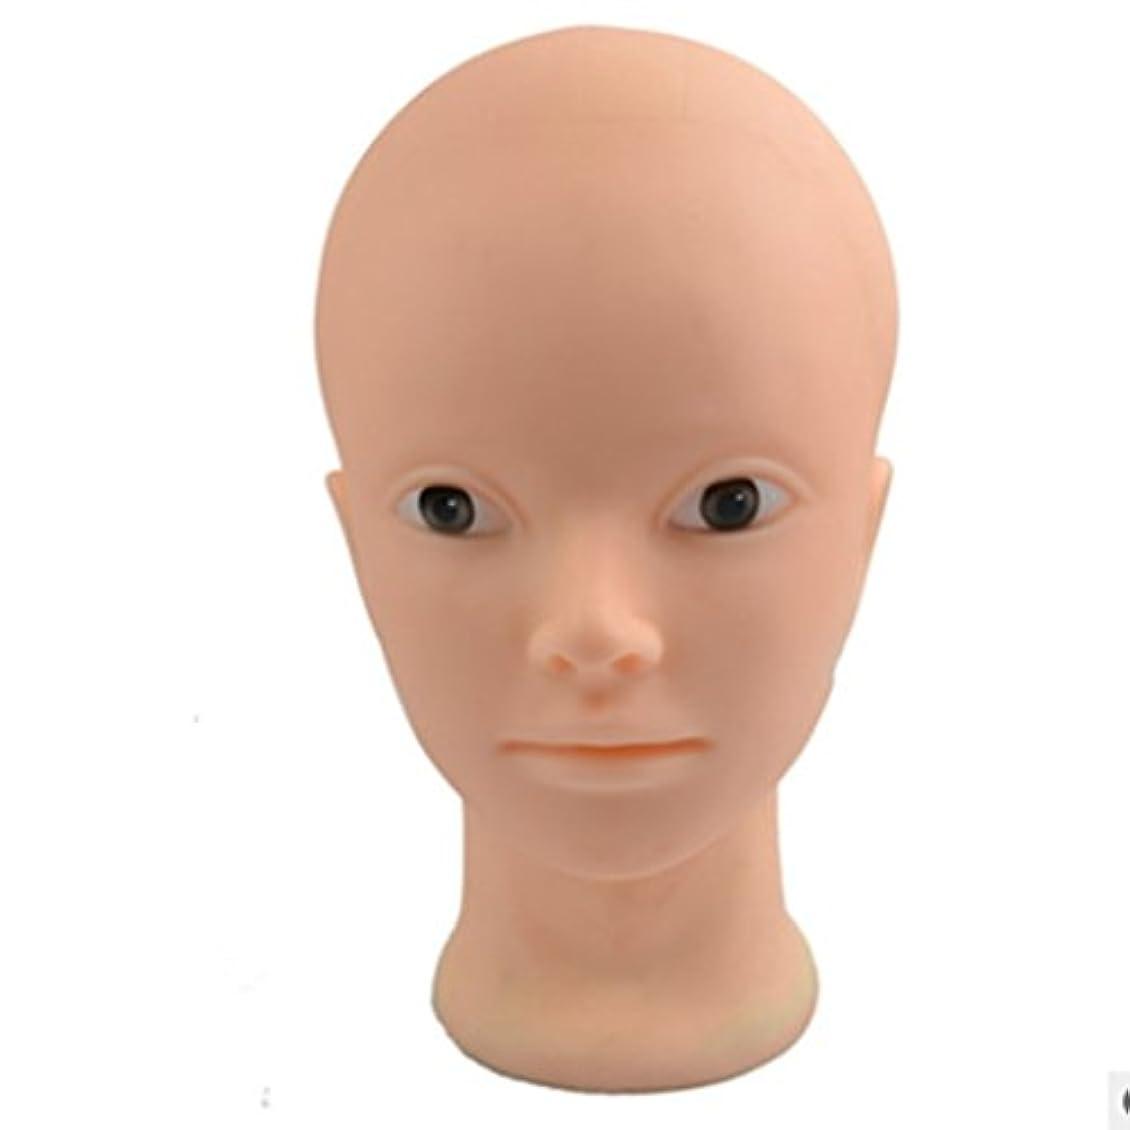 直接縁石帝国25センチウィッグヘッド金型、ポリ塩化ビニールのプラスチック製の人形の鍼療法の練習はげとメガネスカーフモデルウィッグヘッド モデリングツール (色 : ホワイト)